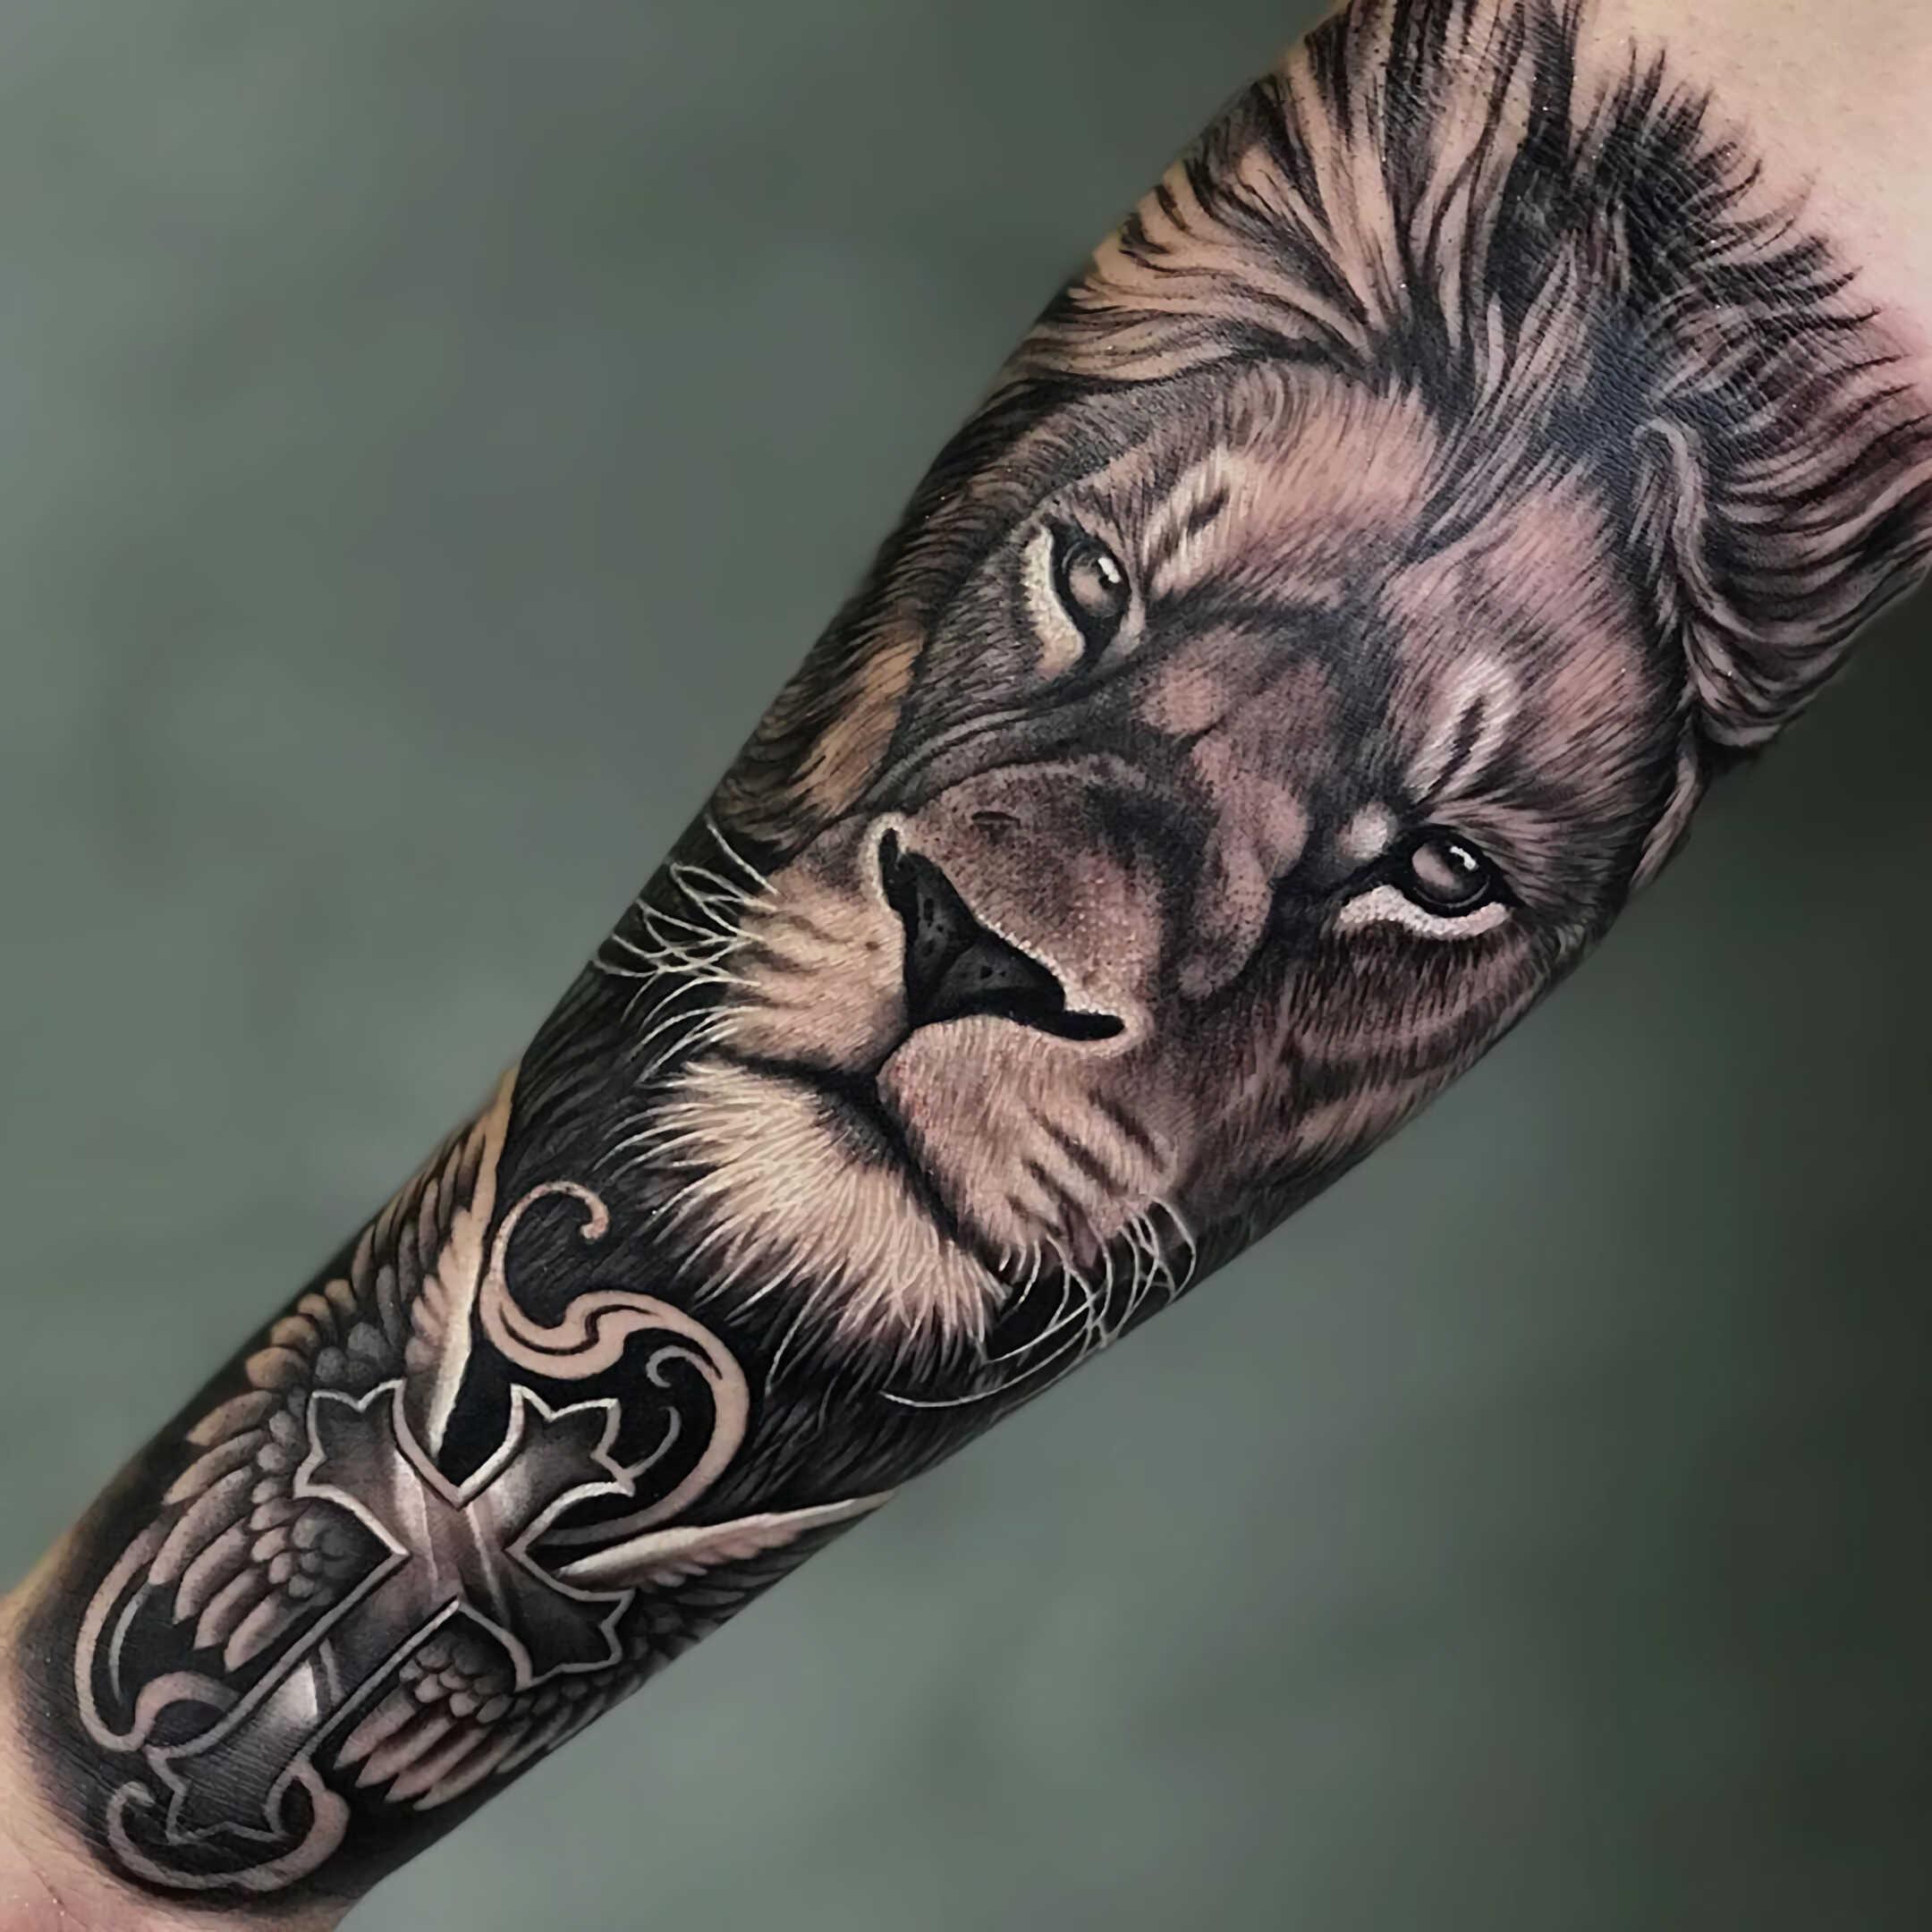 мужская татуировка льва на руке